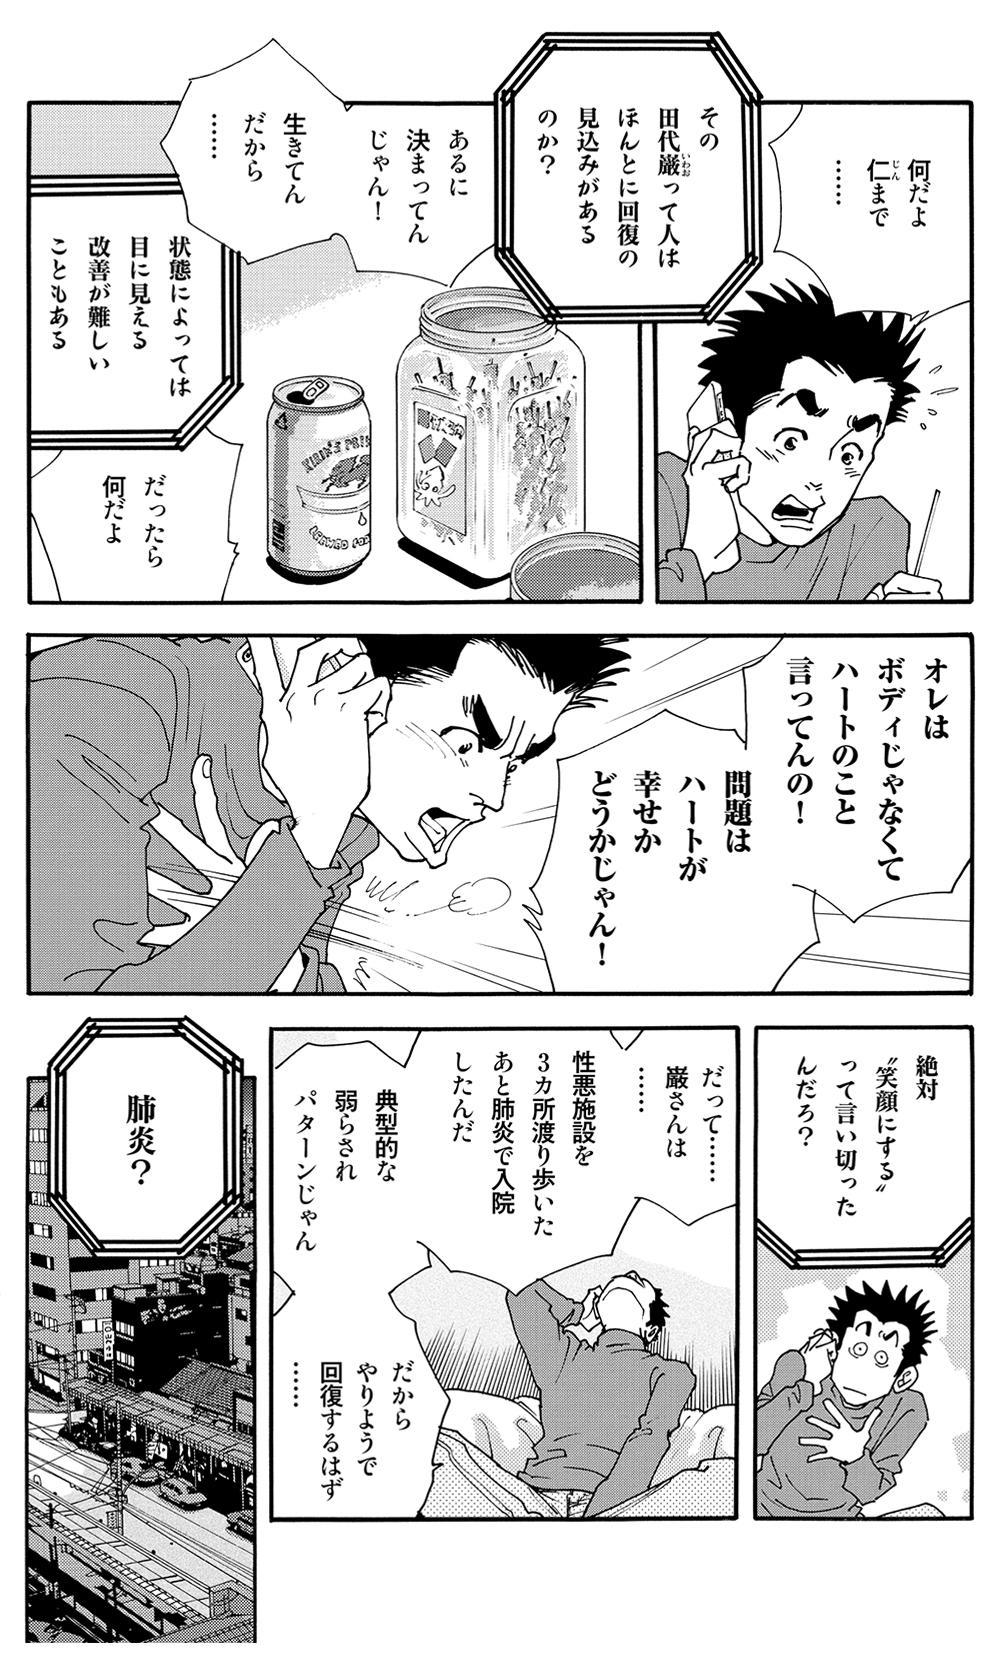 ヘルプマン!! 第4話「介護詐欺」helpman04-10.jpg